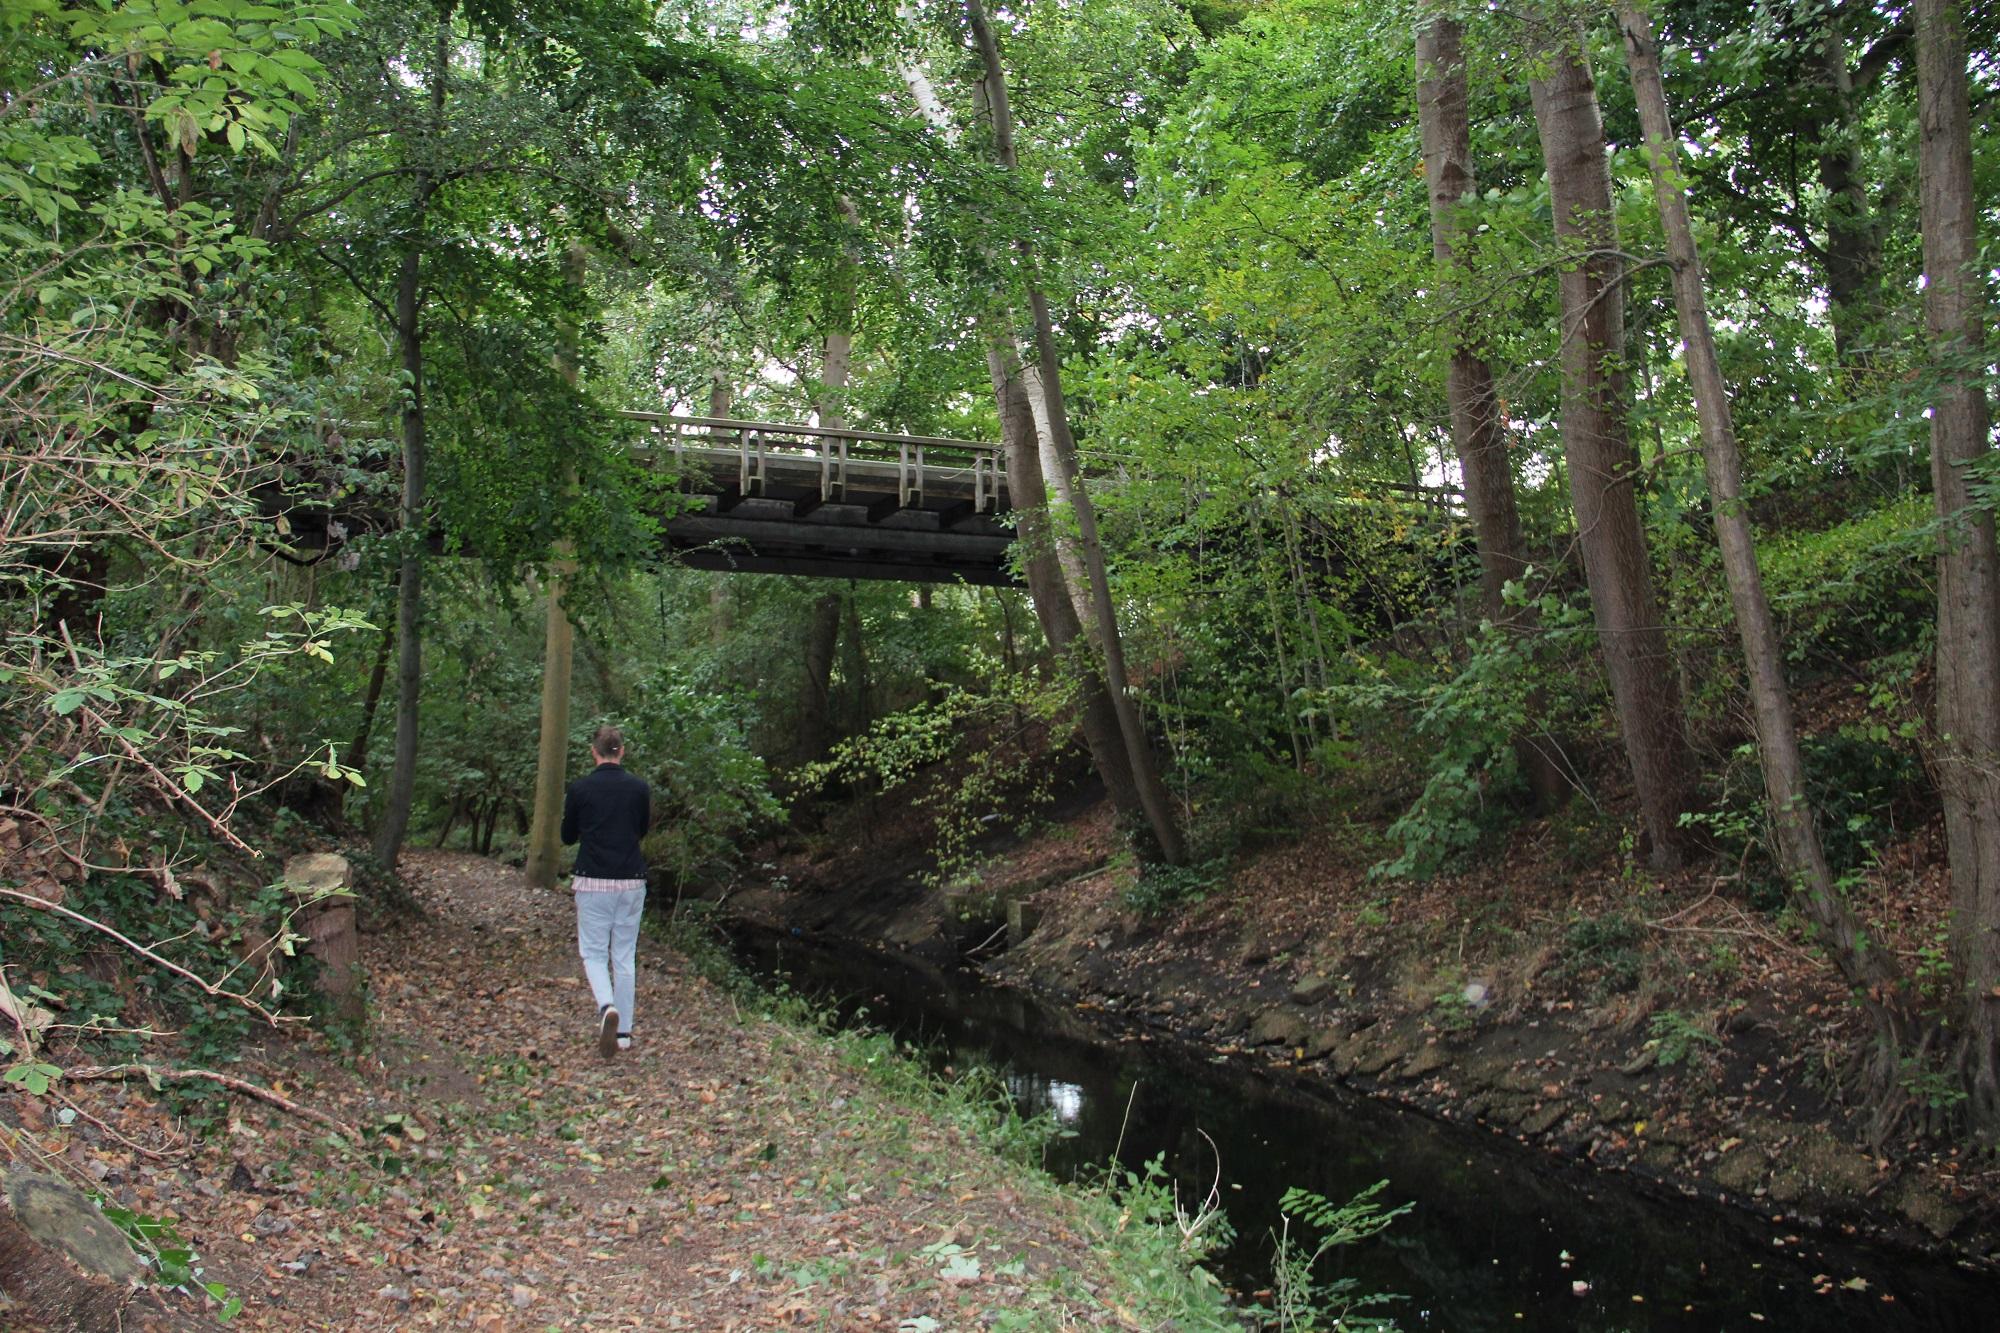 de zoom Wandelvrijwilliger alzheimer zoombrug brug groen wandelen langs het water van de zoom natuur groen beekje water